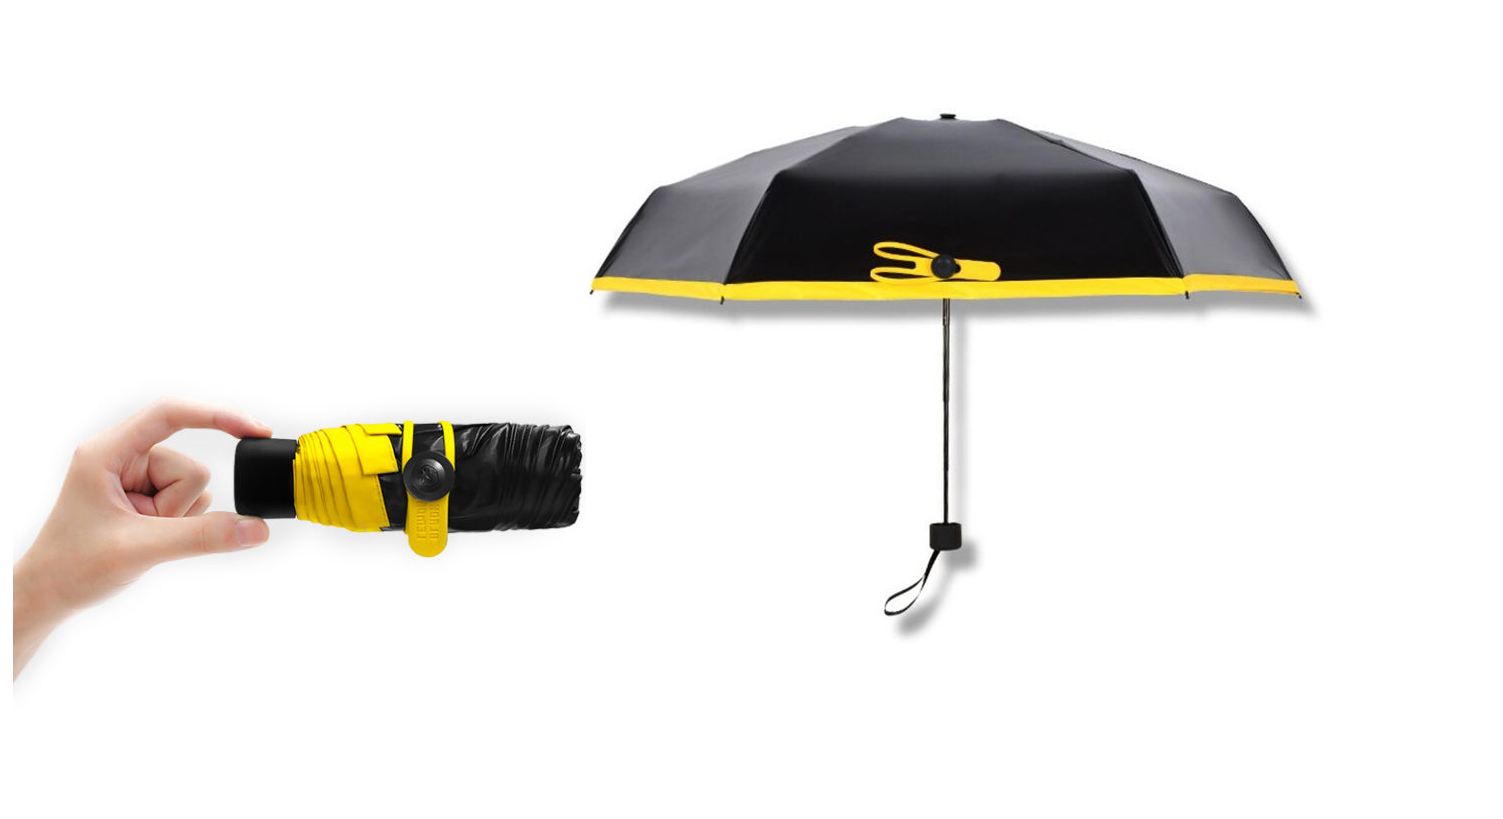 Универсальный карманный зонтик Mini Pocket Umbrella в Ярославле